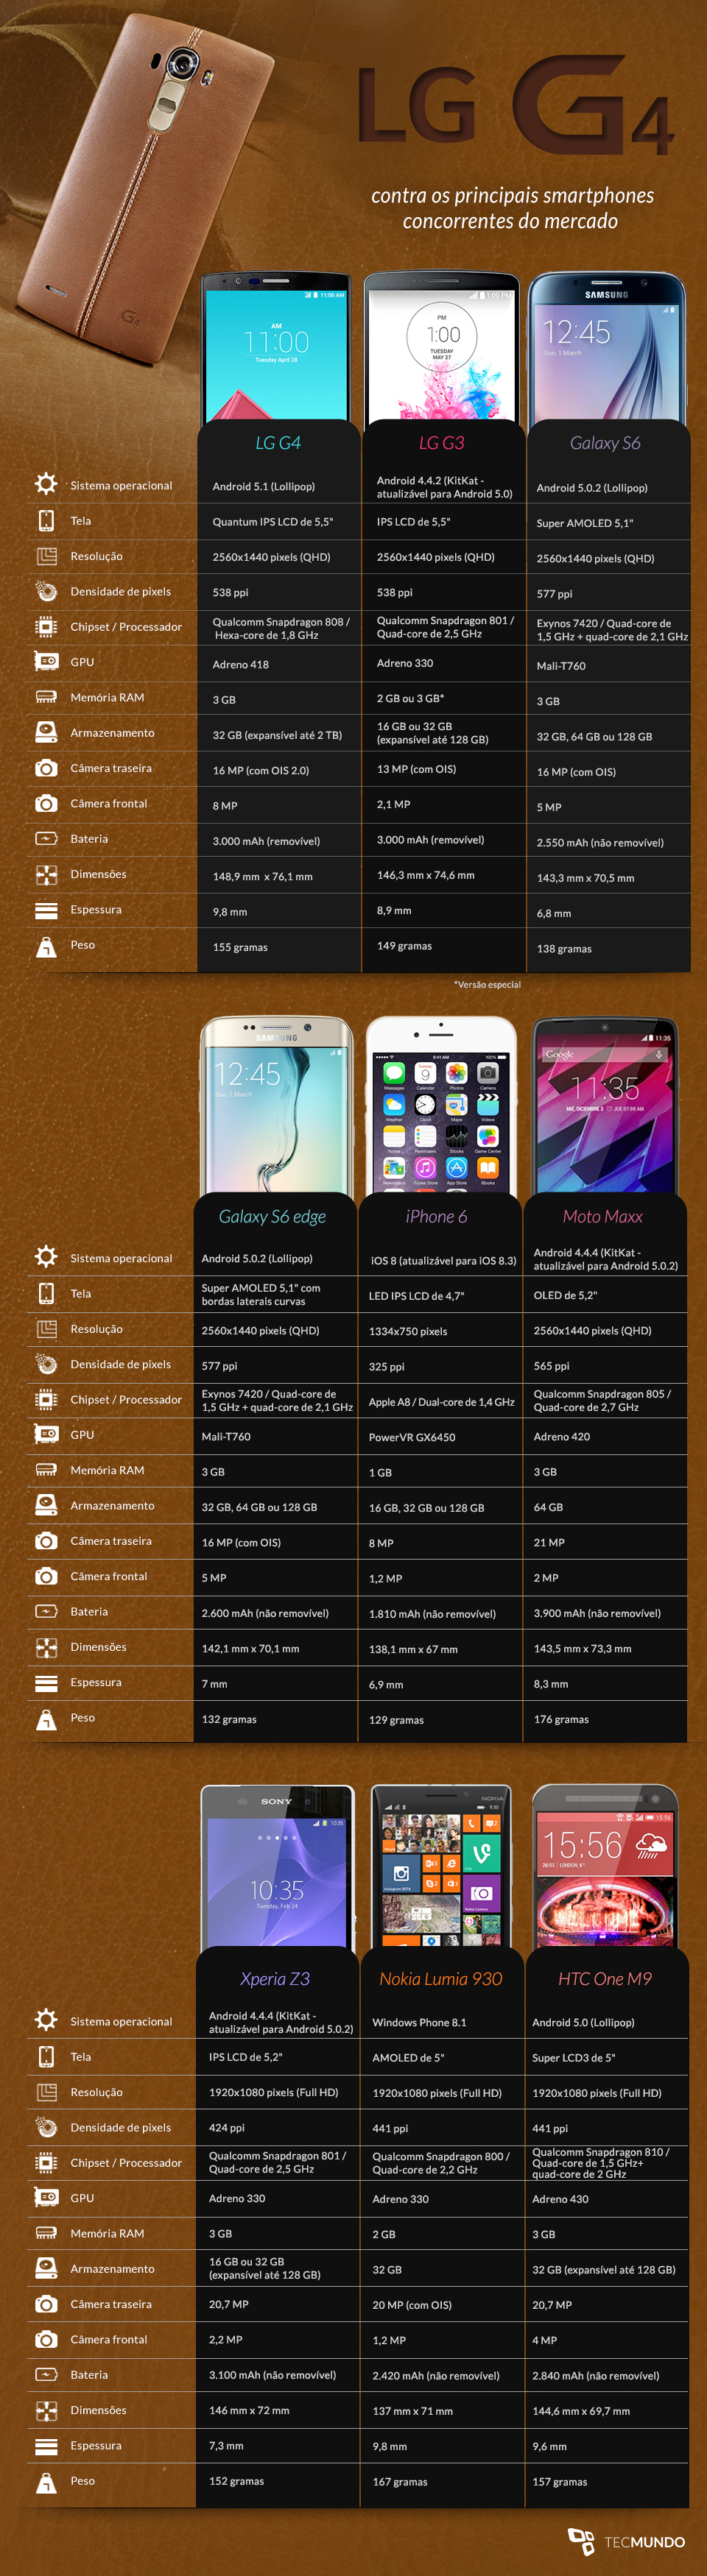 Comparação: LG G4 contra os principais smartphones concorrentes do mercado